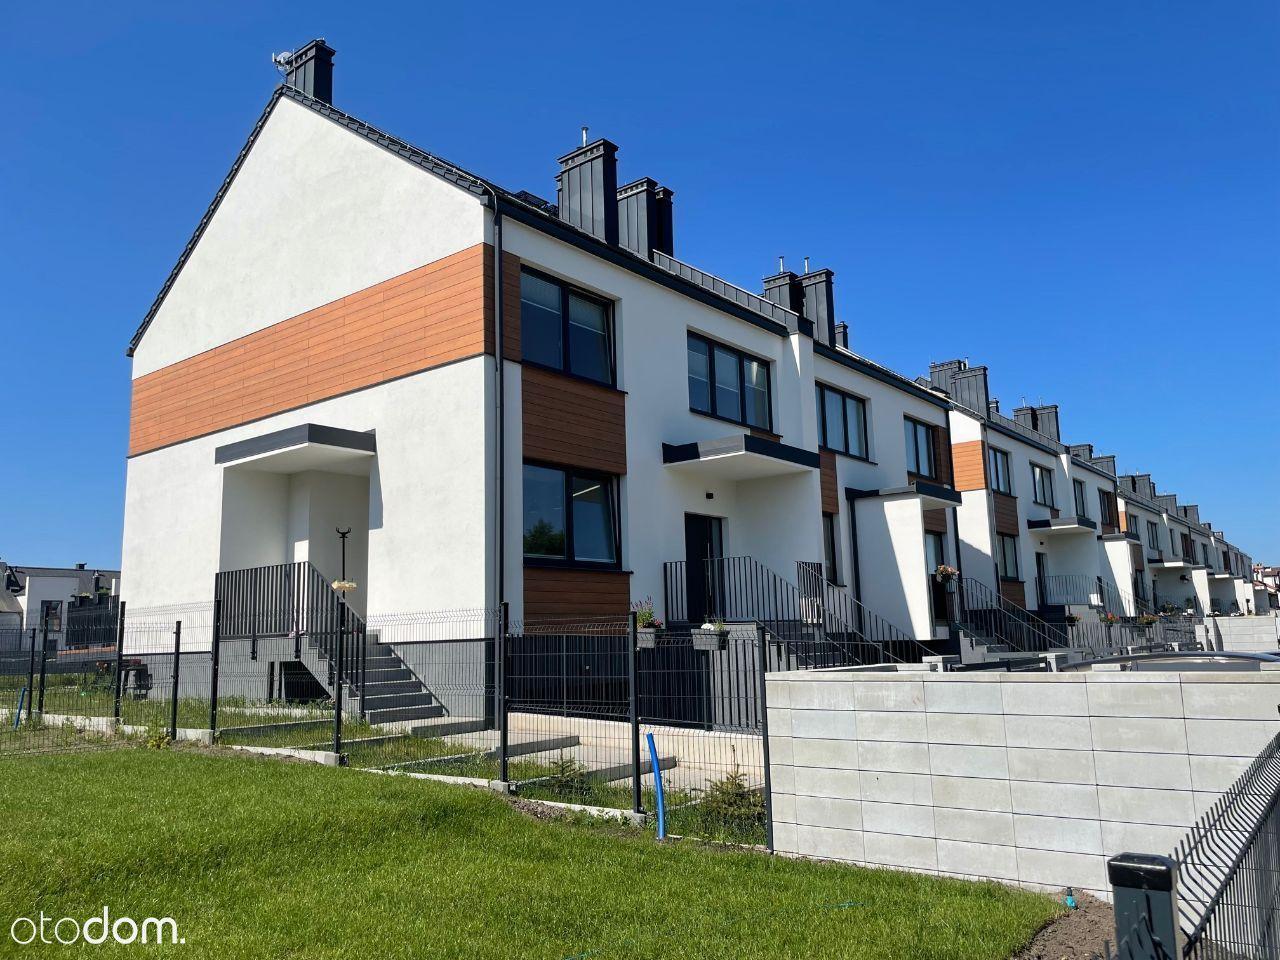 Dom 130m2 w Zabudowie Bliźniaczej -Gdynia Wiczlino